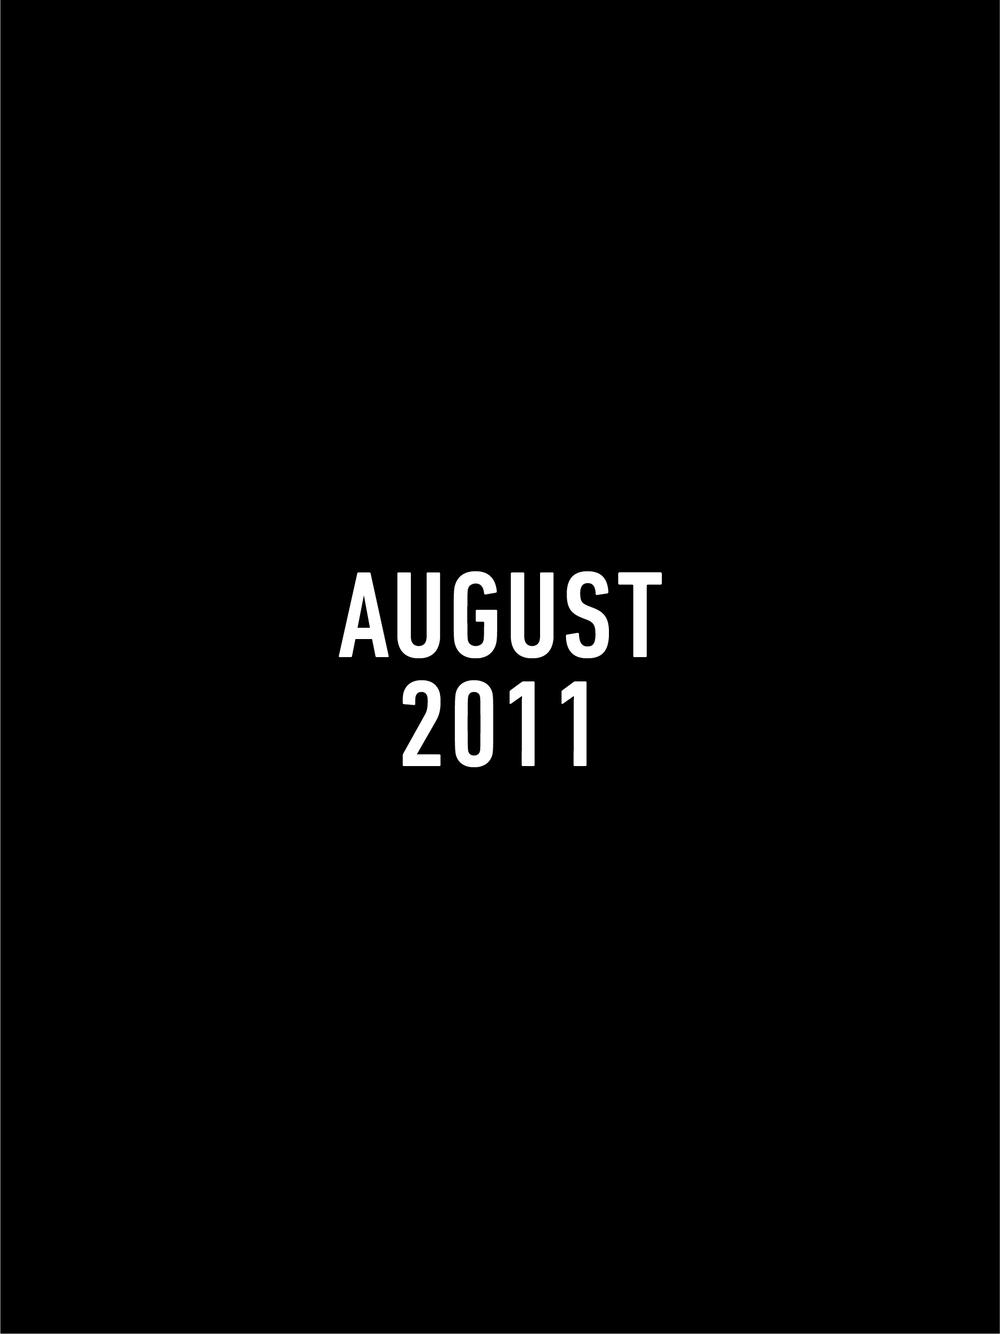 2011 months8.jpg